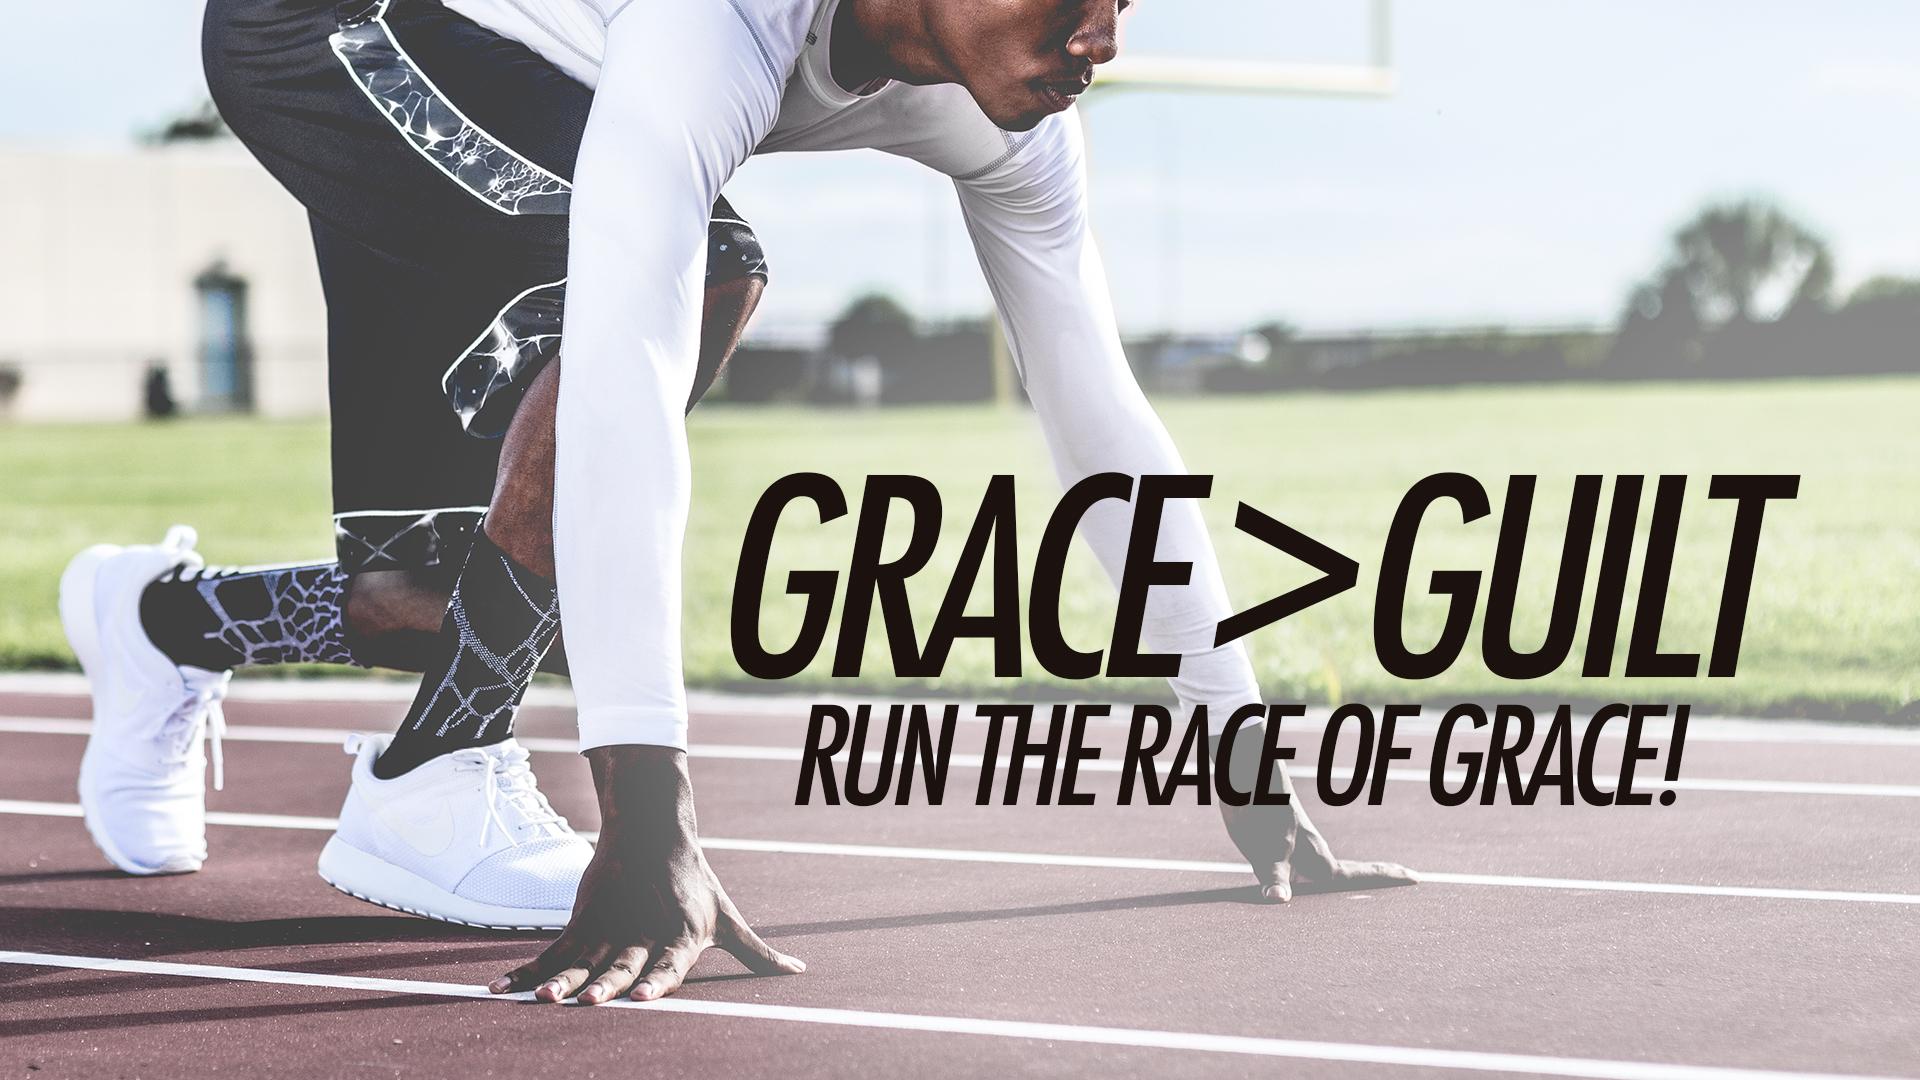 Grace>Guilt